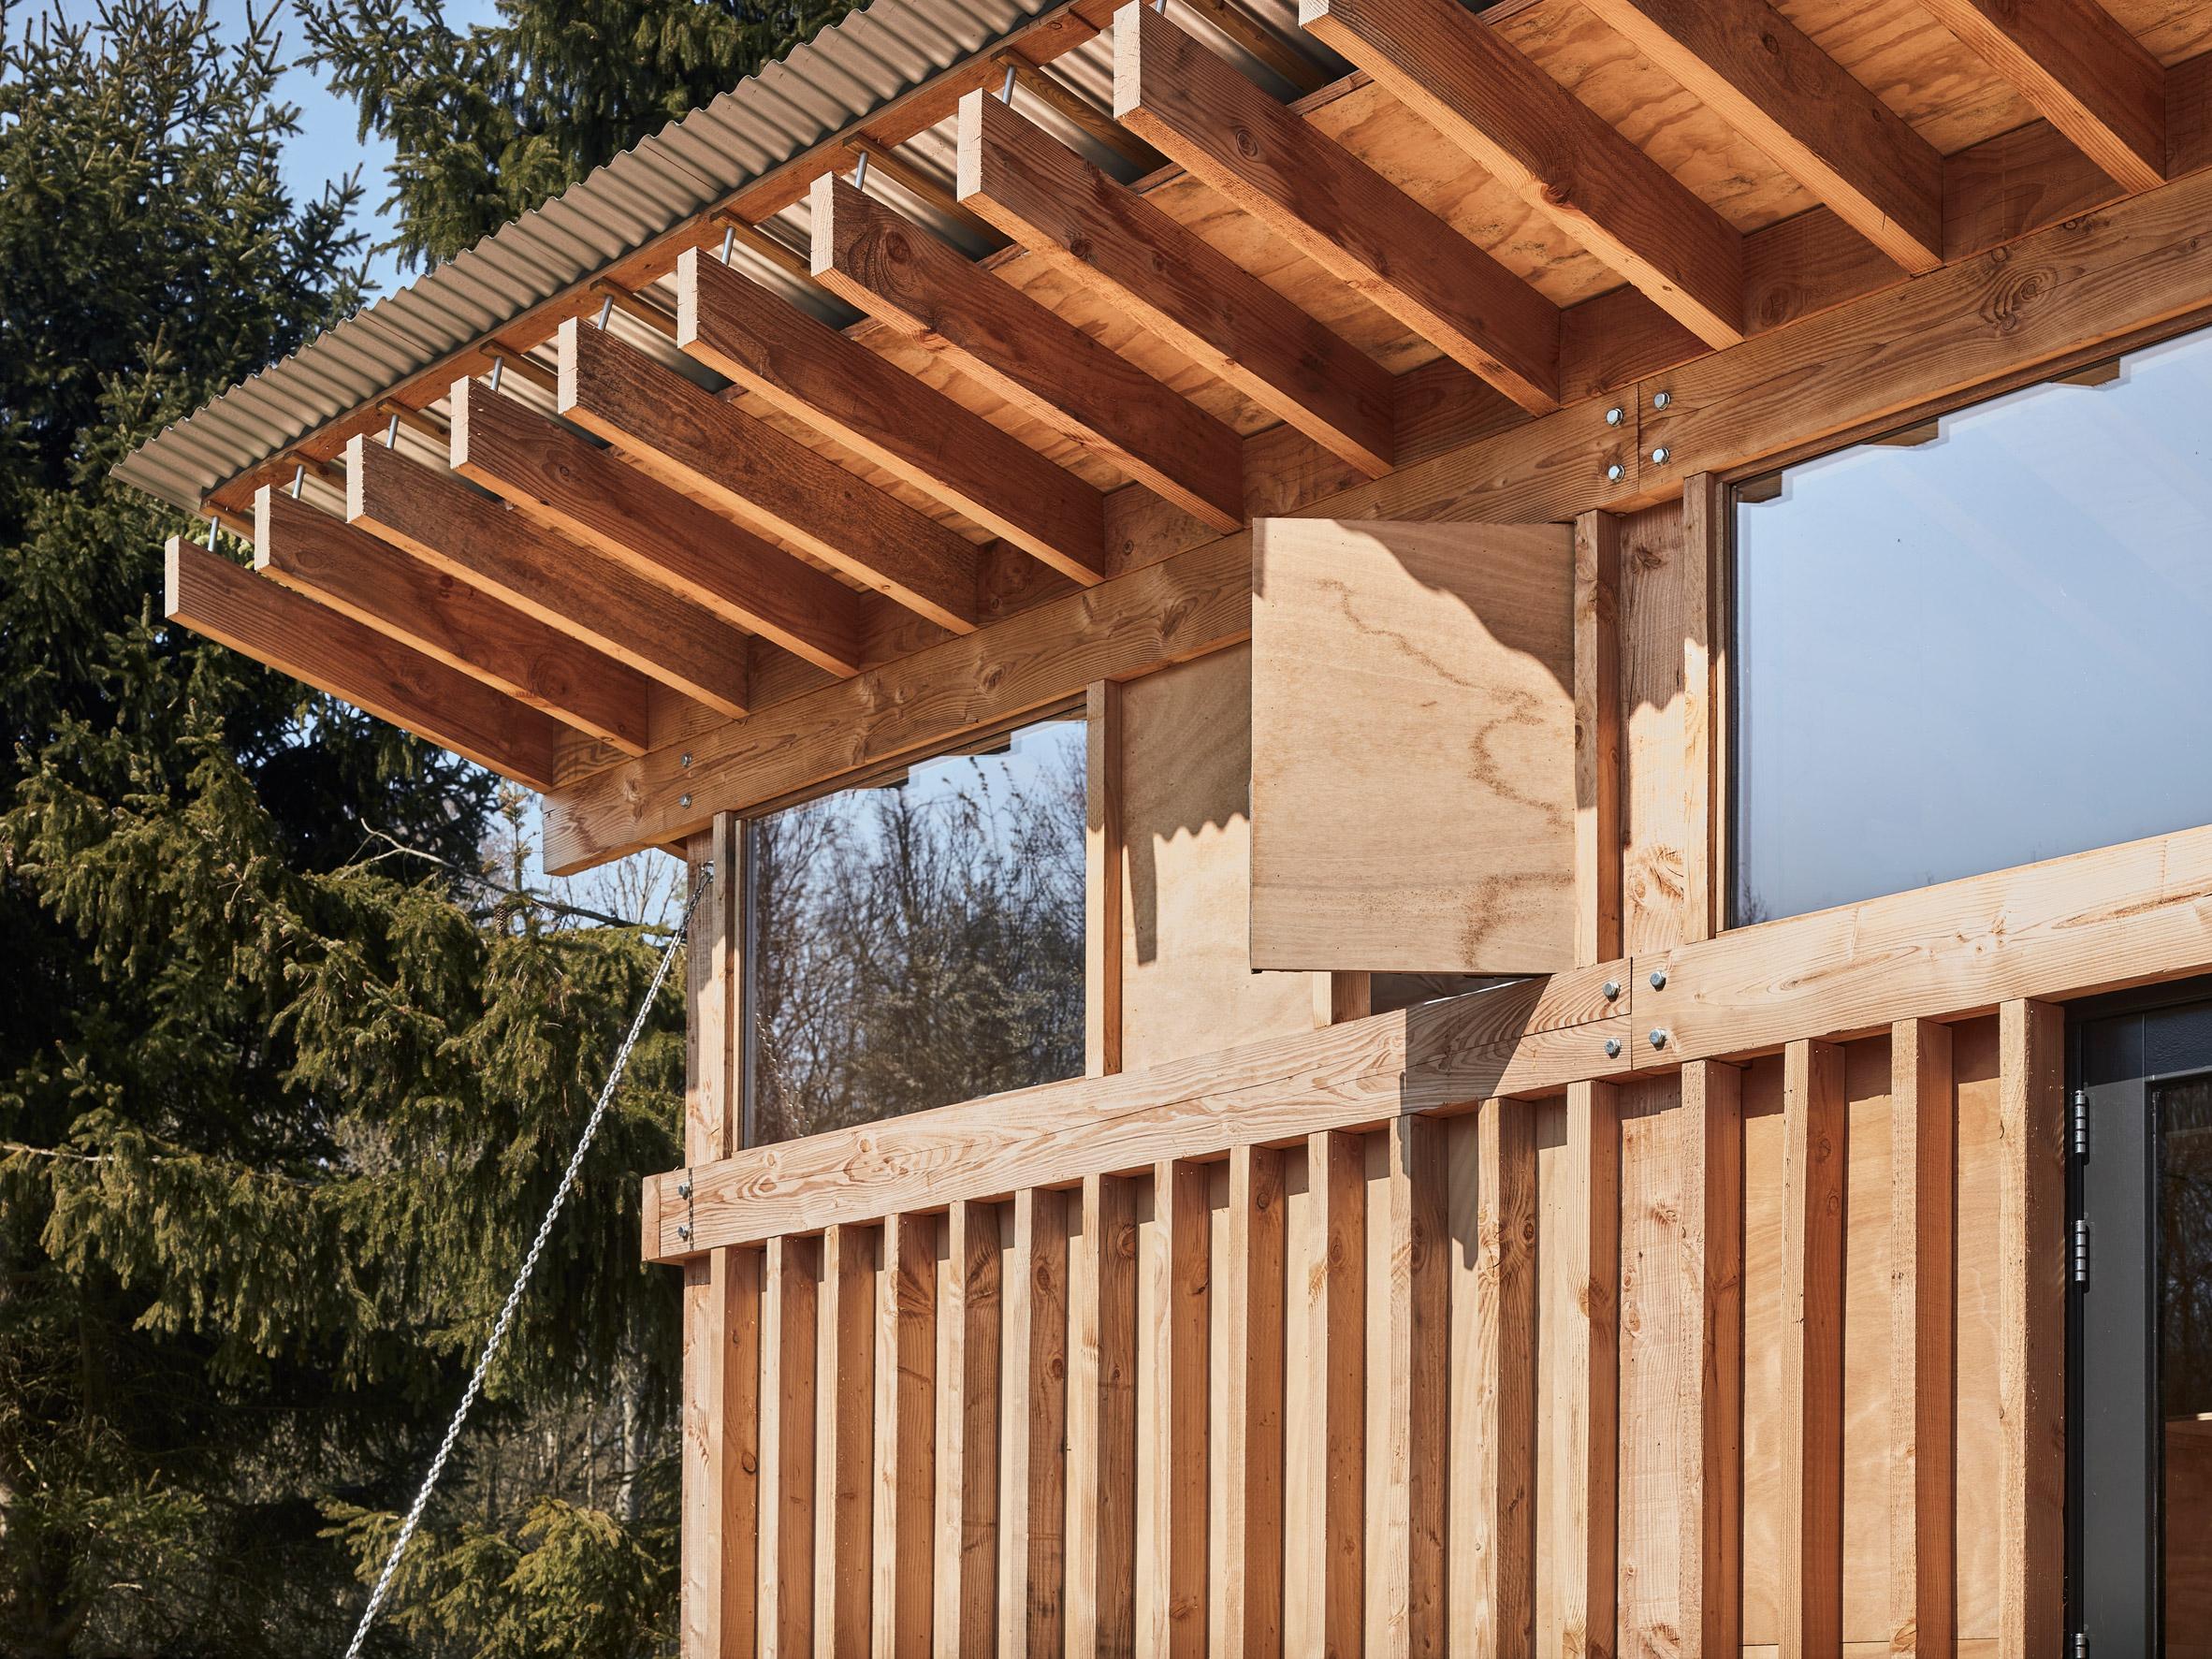 Mẫu nhà gỗ nhỏ đẹp 12